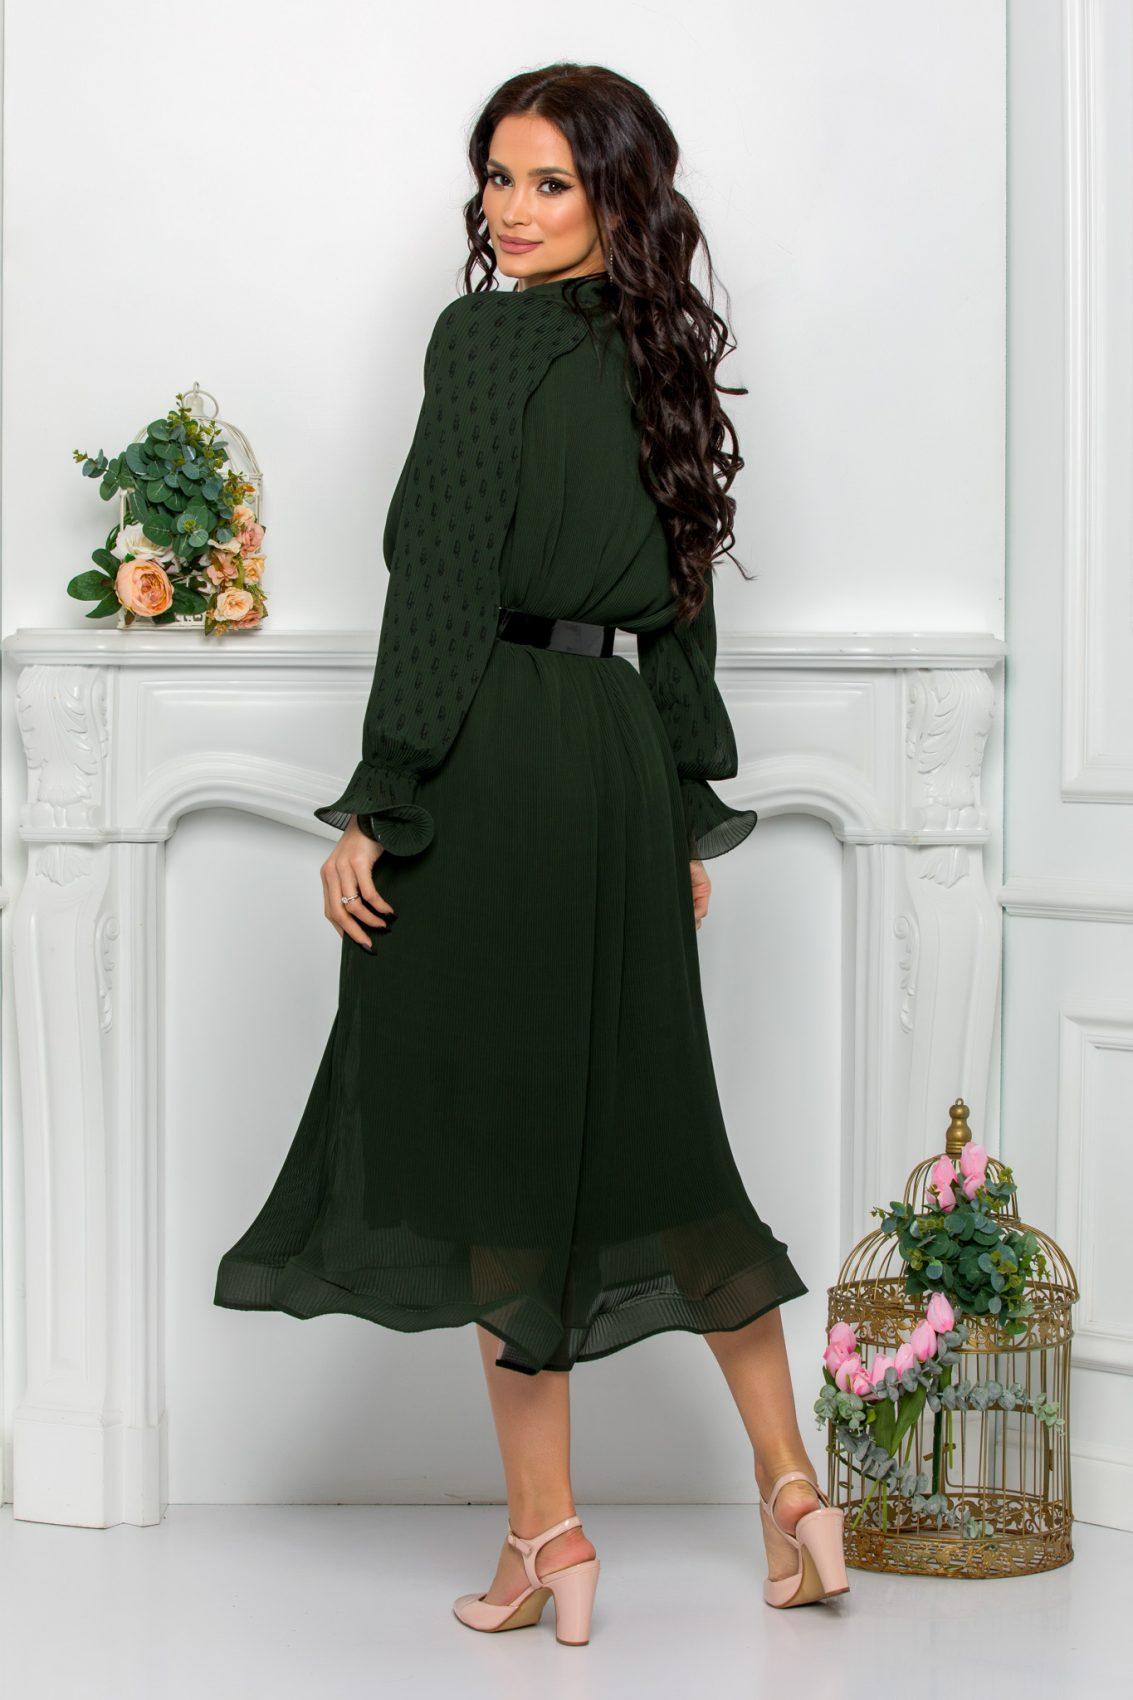 Μίντι Πράσινο Φόρεμα Με Φιόγκο Trinity 9630 2